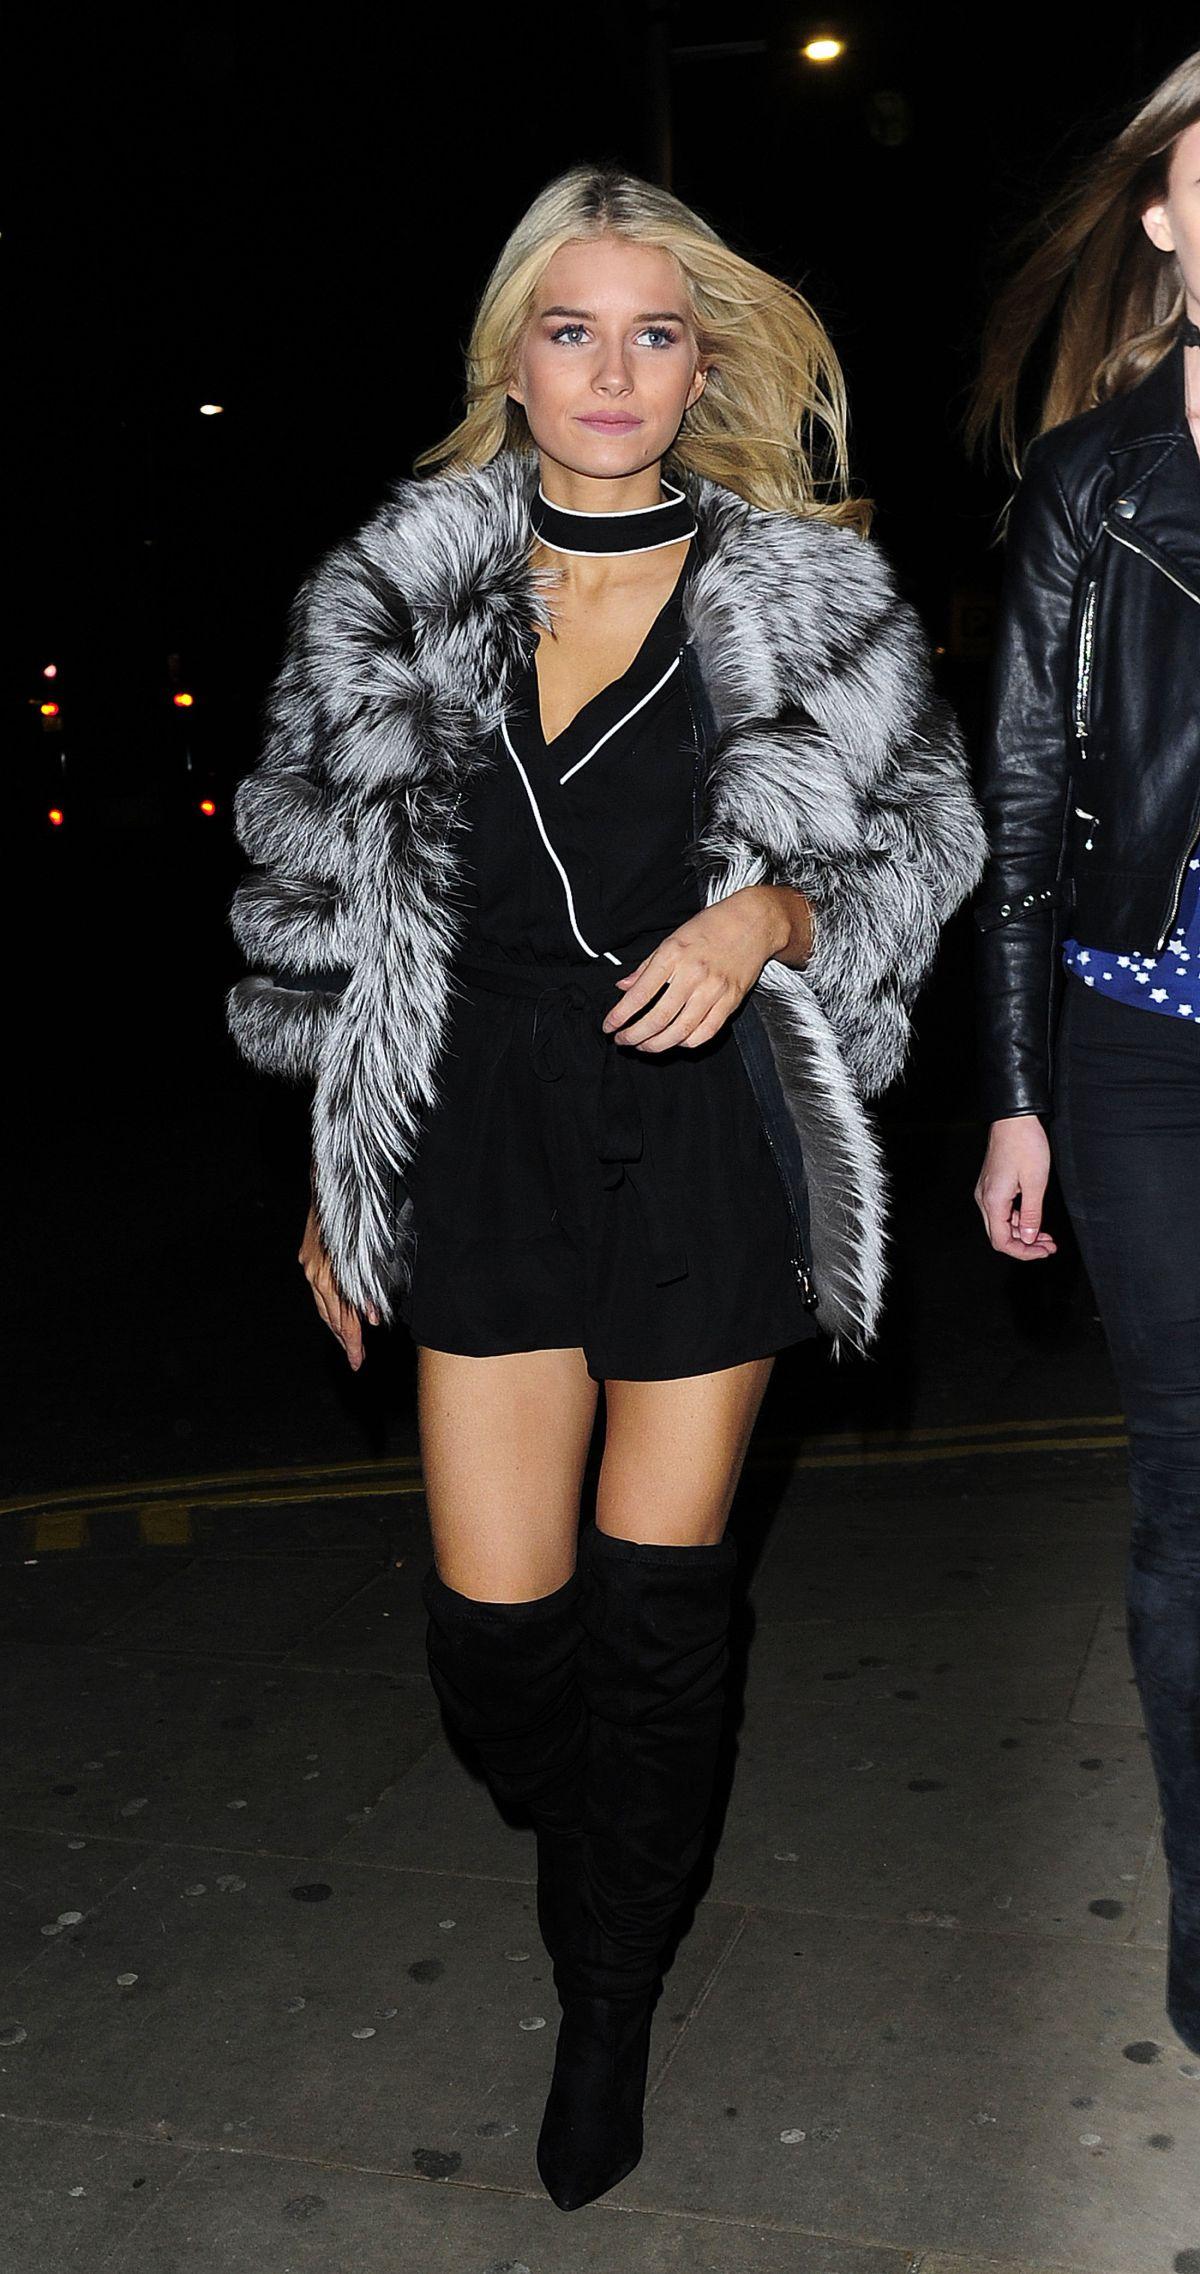 LOTTIE MOSS Night Out in Knightsbridge 01/19/2017